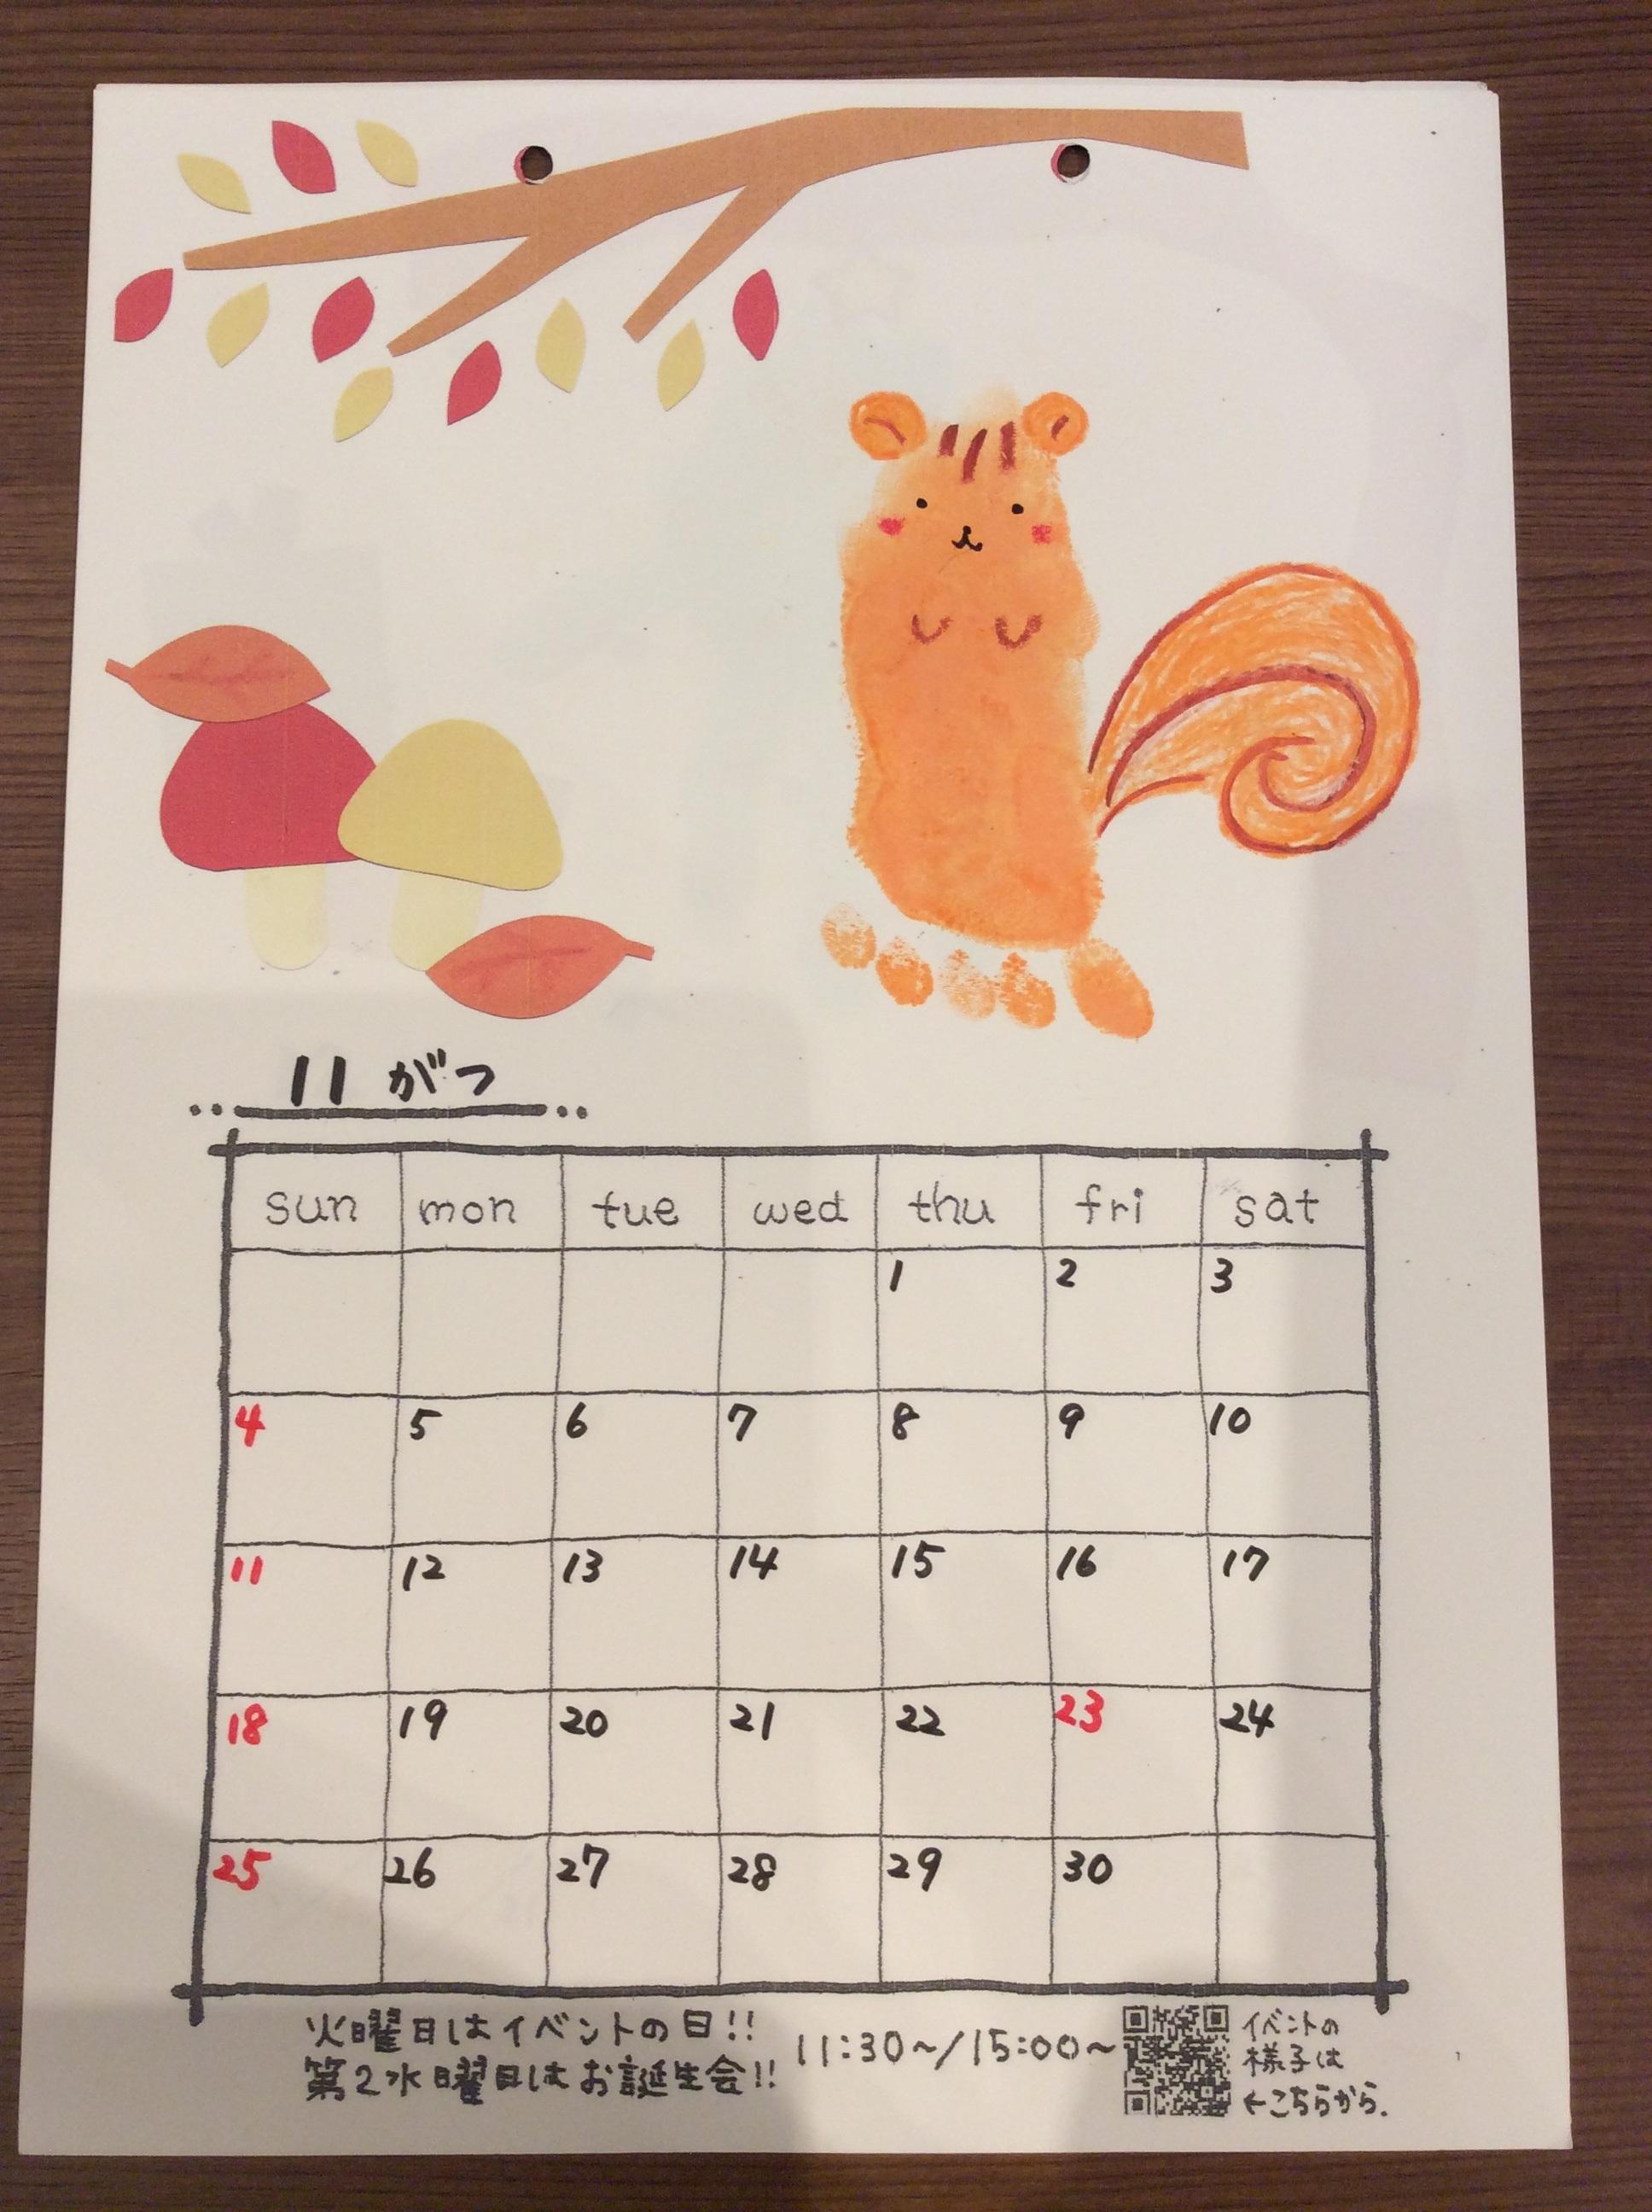 11月のカレンダーづくり~足形でリスをつくろう~